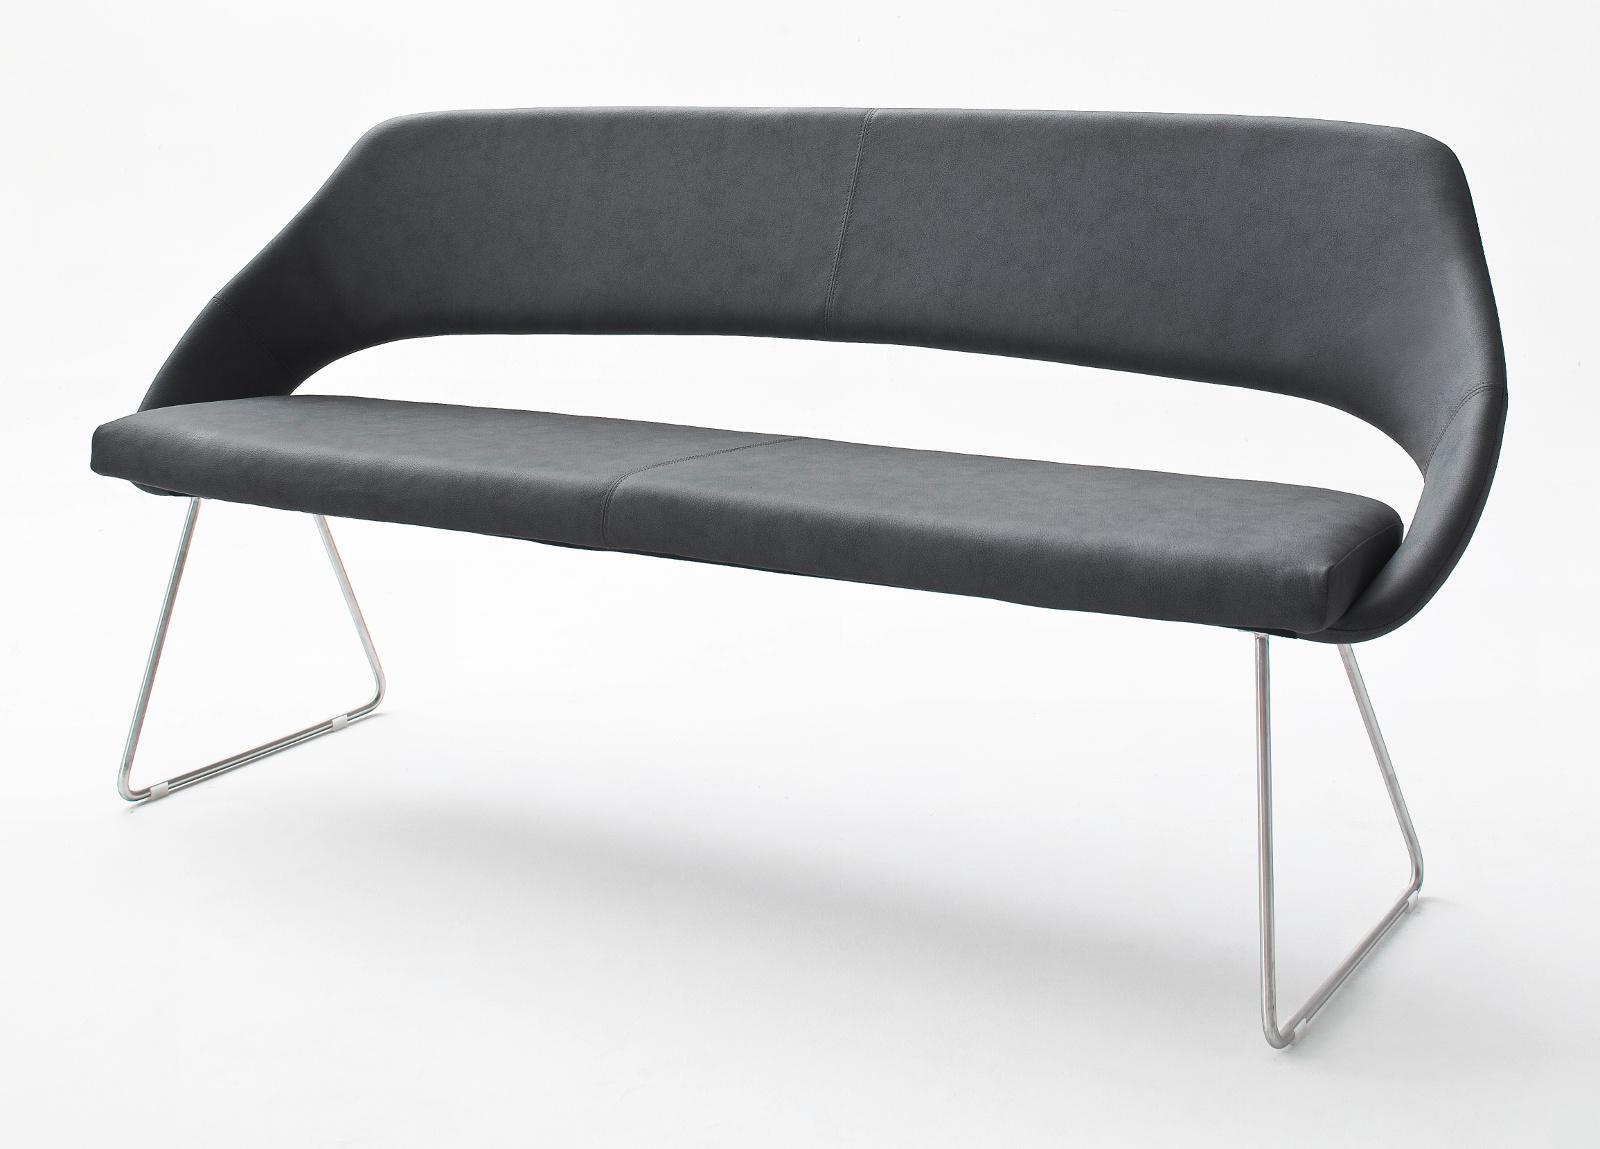 badm bel badschrank wei hochglanz lack nussbaum dressy10. Black Bedroom Furniture Sets. Home Design Ideas